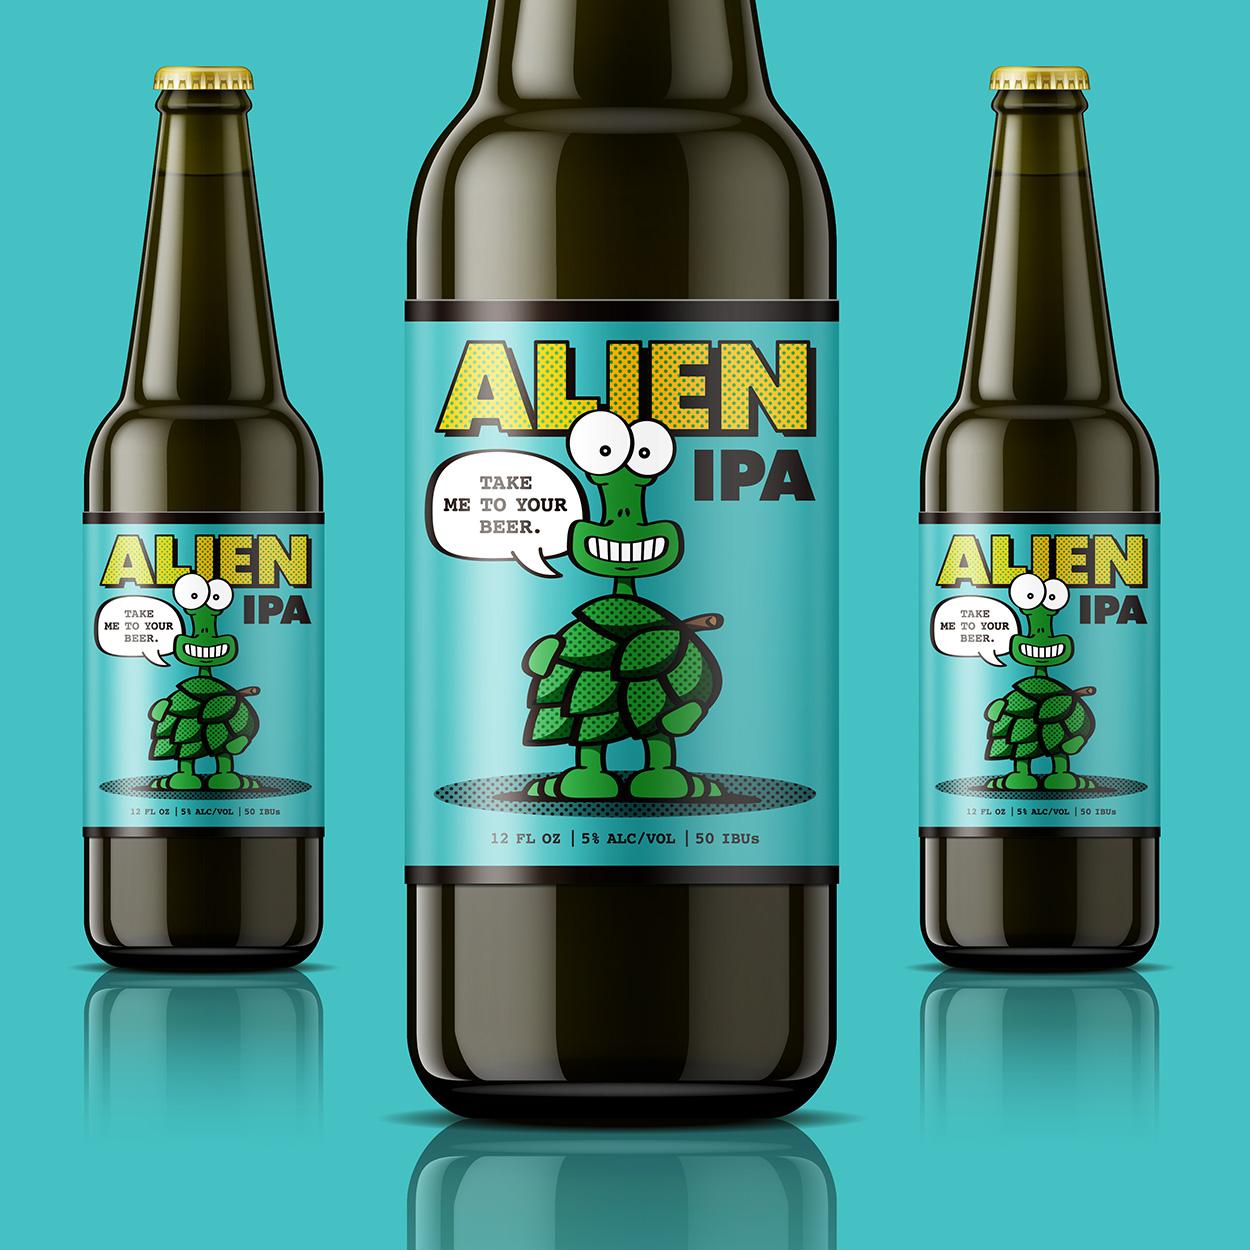 Alien_Bottles.jpg